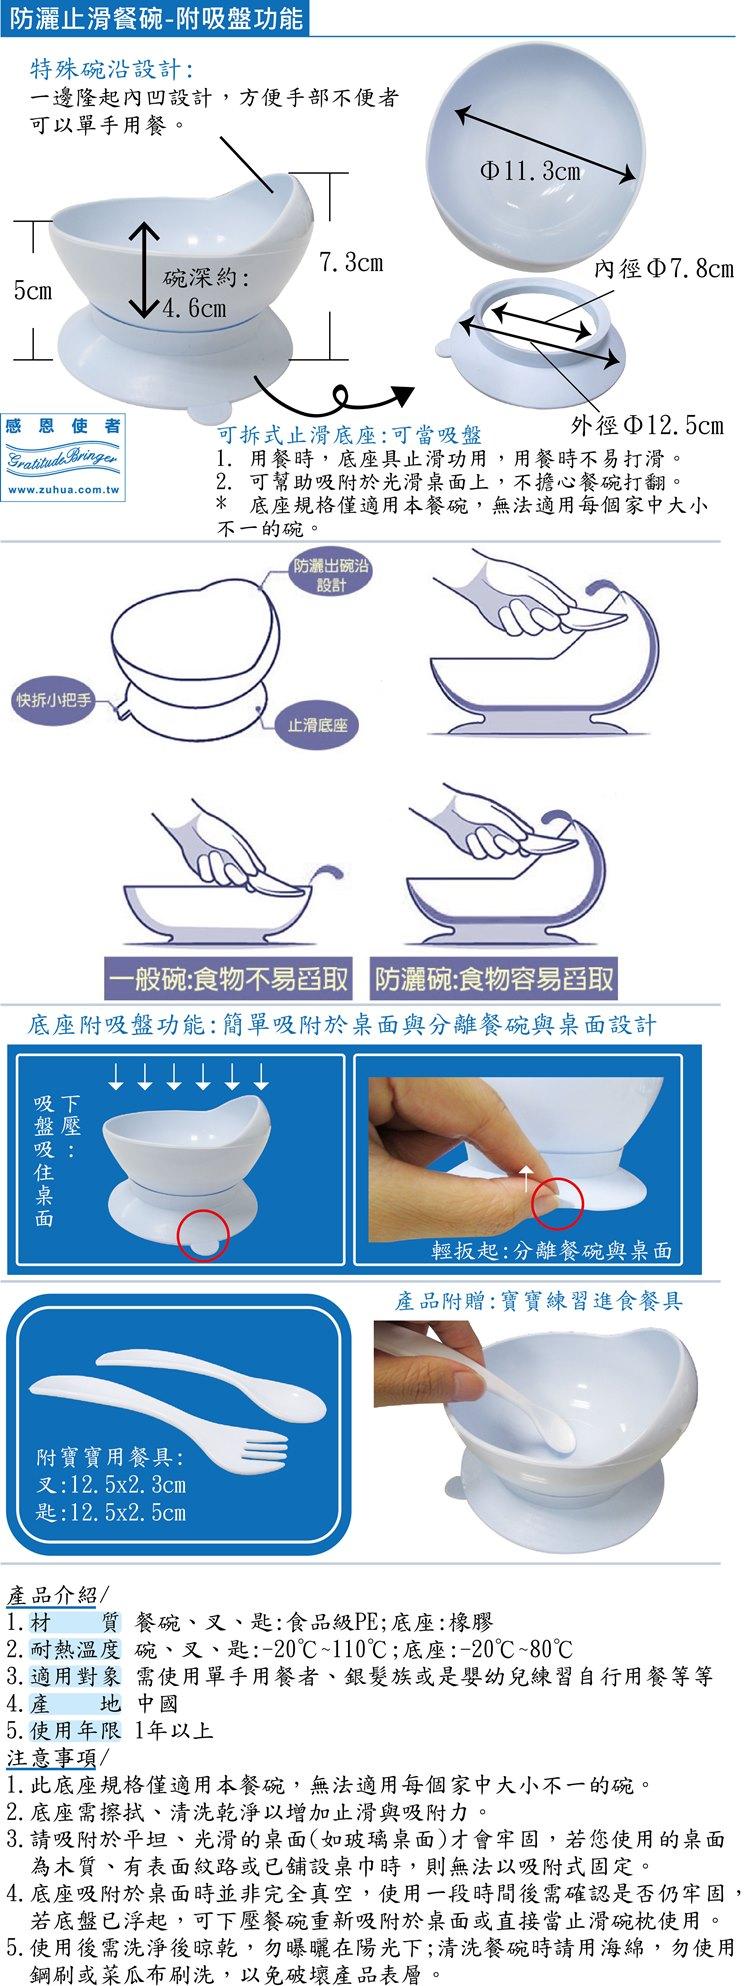 防灑出餐碗:具止滑功能,也可吸附於光滑桌面,不擔心餐碗打翻。碗沿單邊提高,舀取食物好方便,不會灑出。